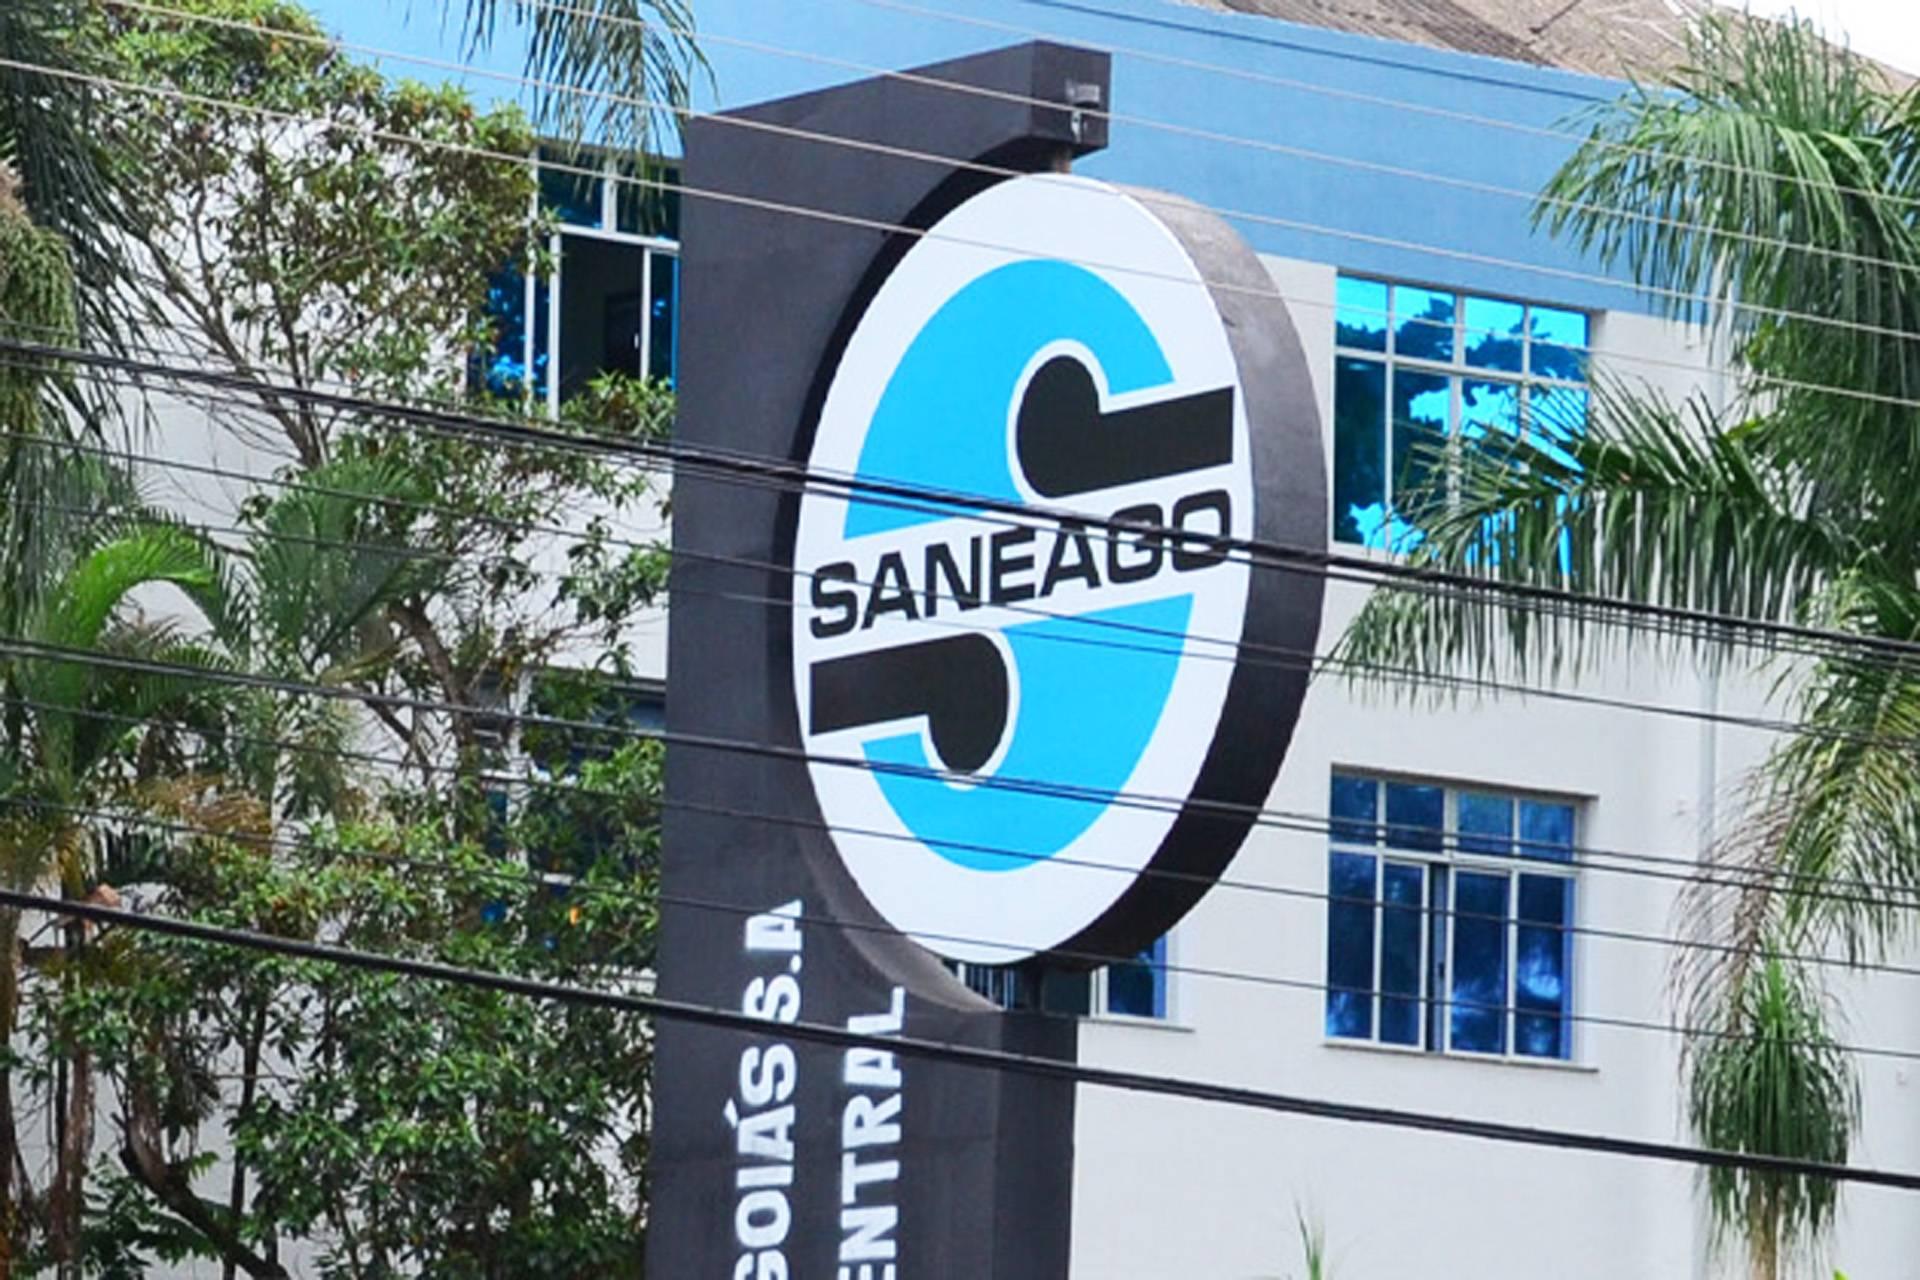 Vereador quer que contrato entre a prefeitura e a Saneago seja rompido | Foto: Reprodução